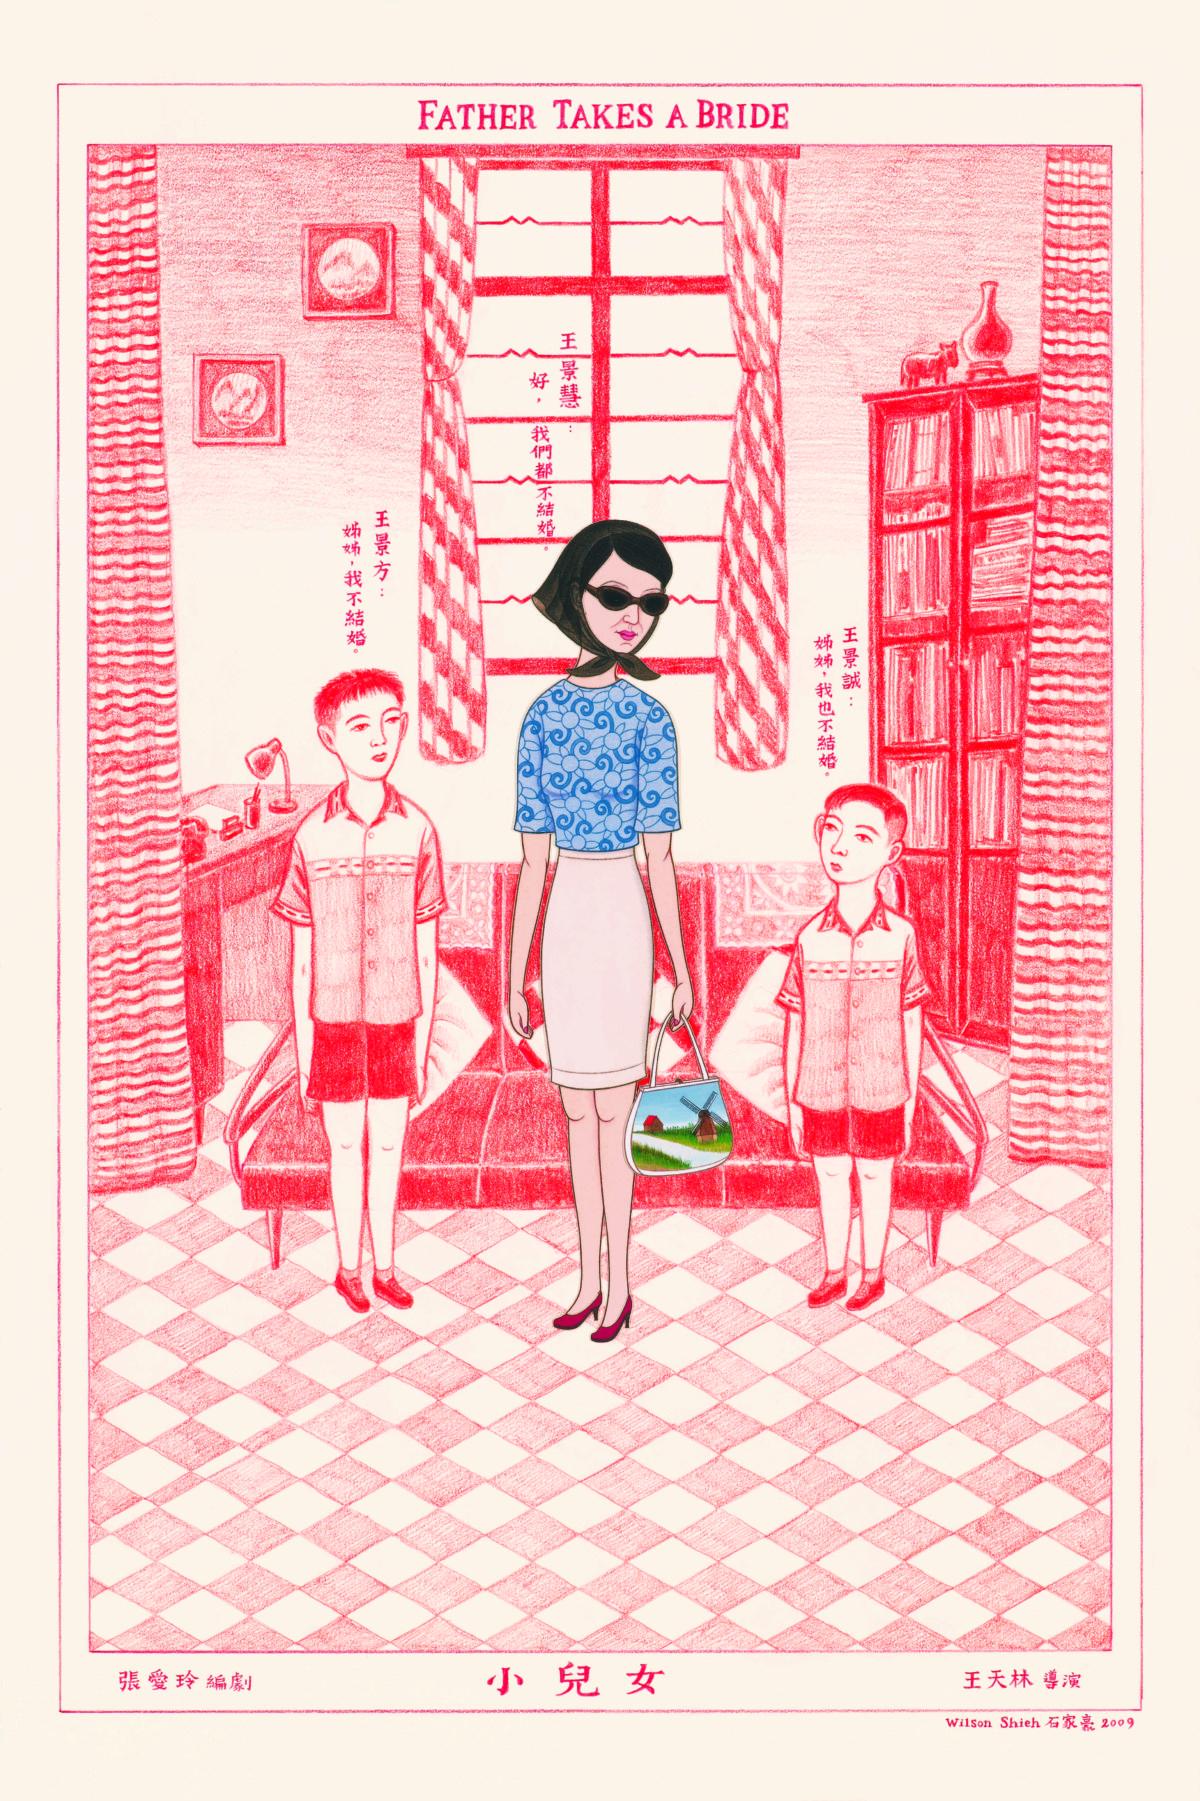 《小兒女》,是一九五〇年代張愛玲寫的劇本,主角是尤敏。